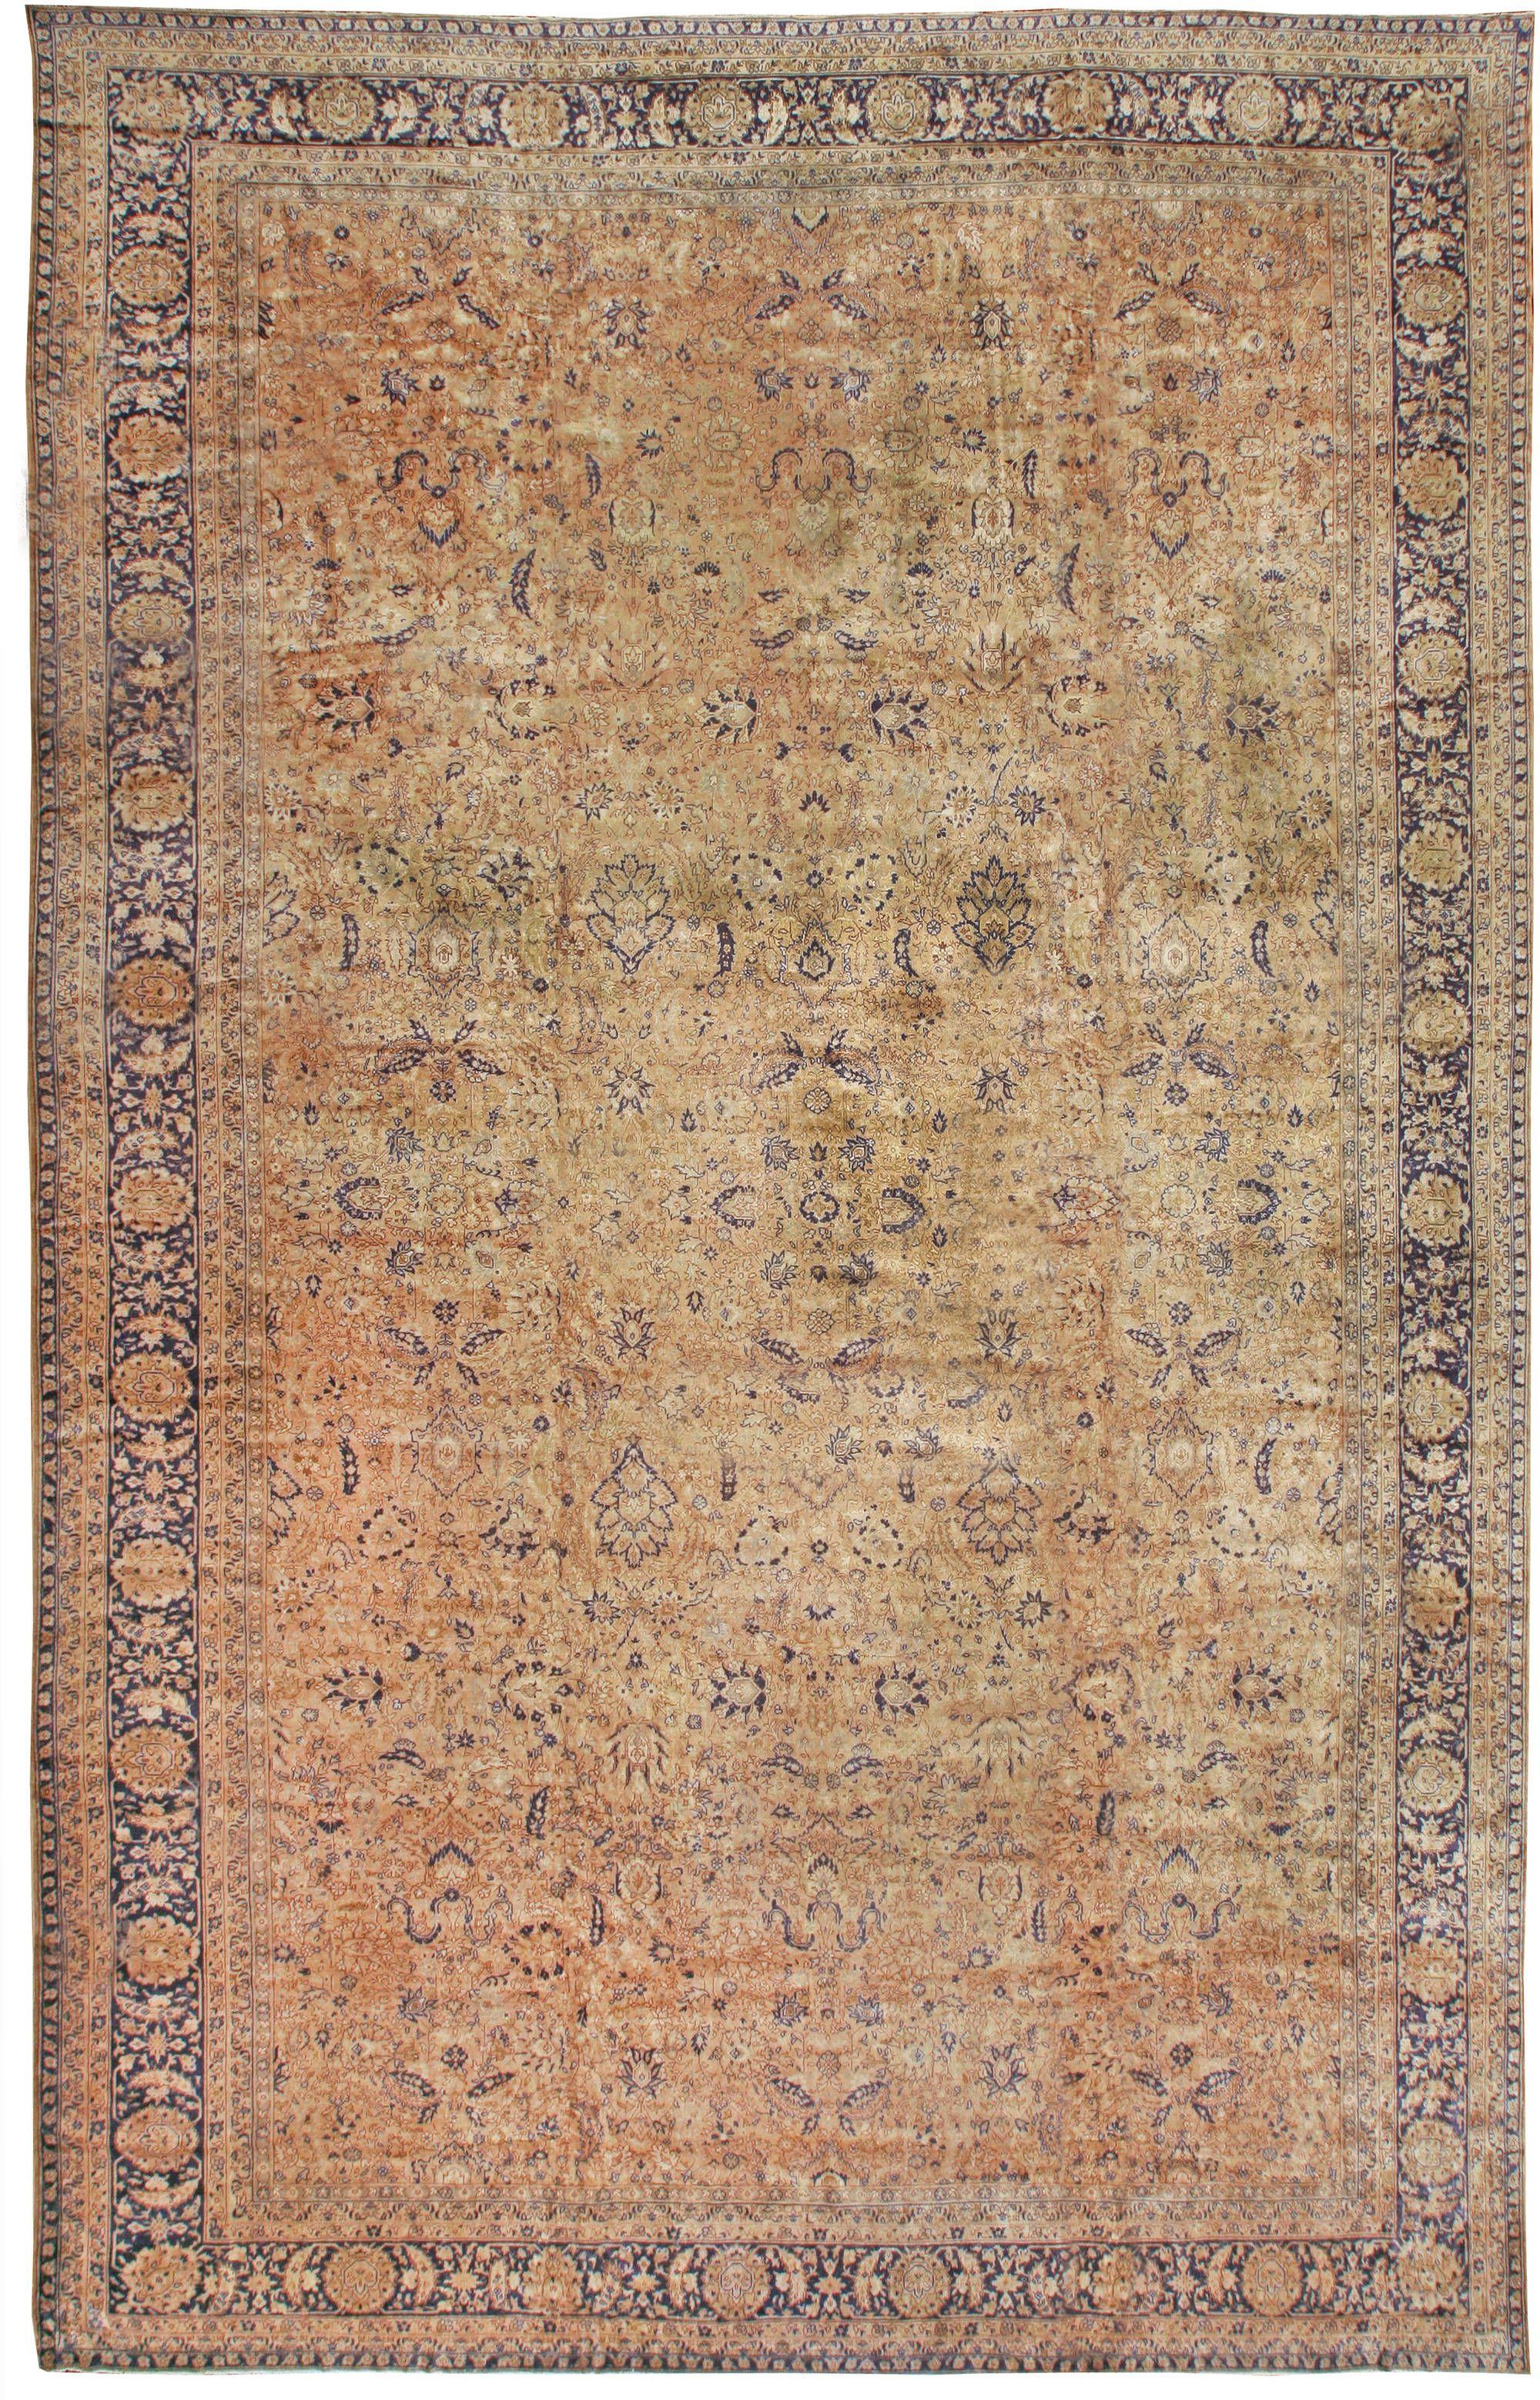 Antique Turkish Sivas Carpet Bb1436 By Dlb Antique Carpets Affordable Carpet Rugs On Carpet